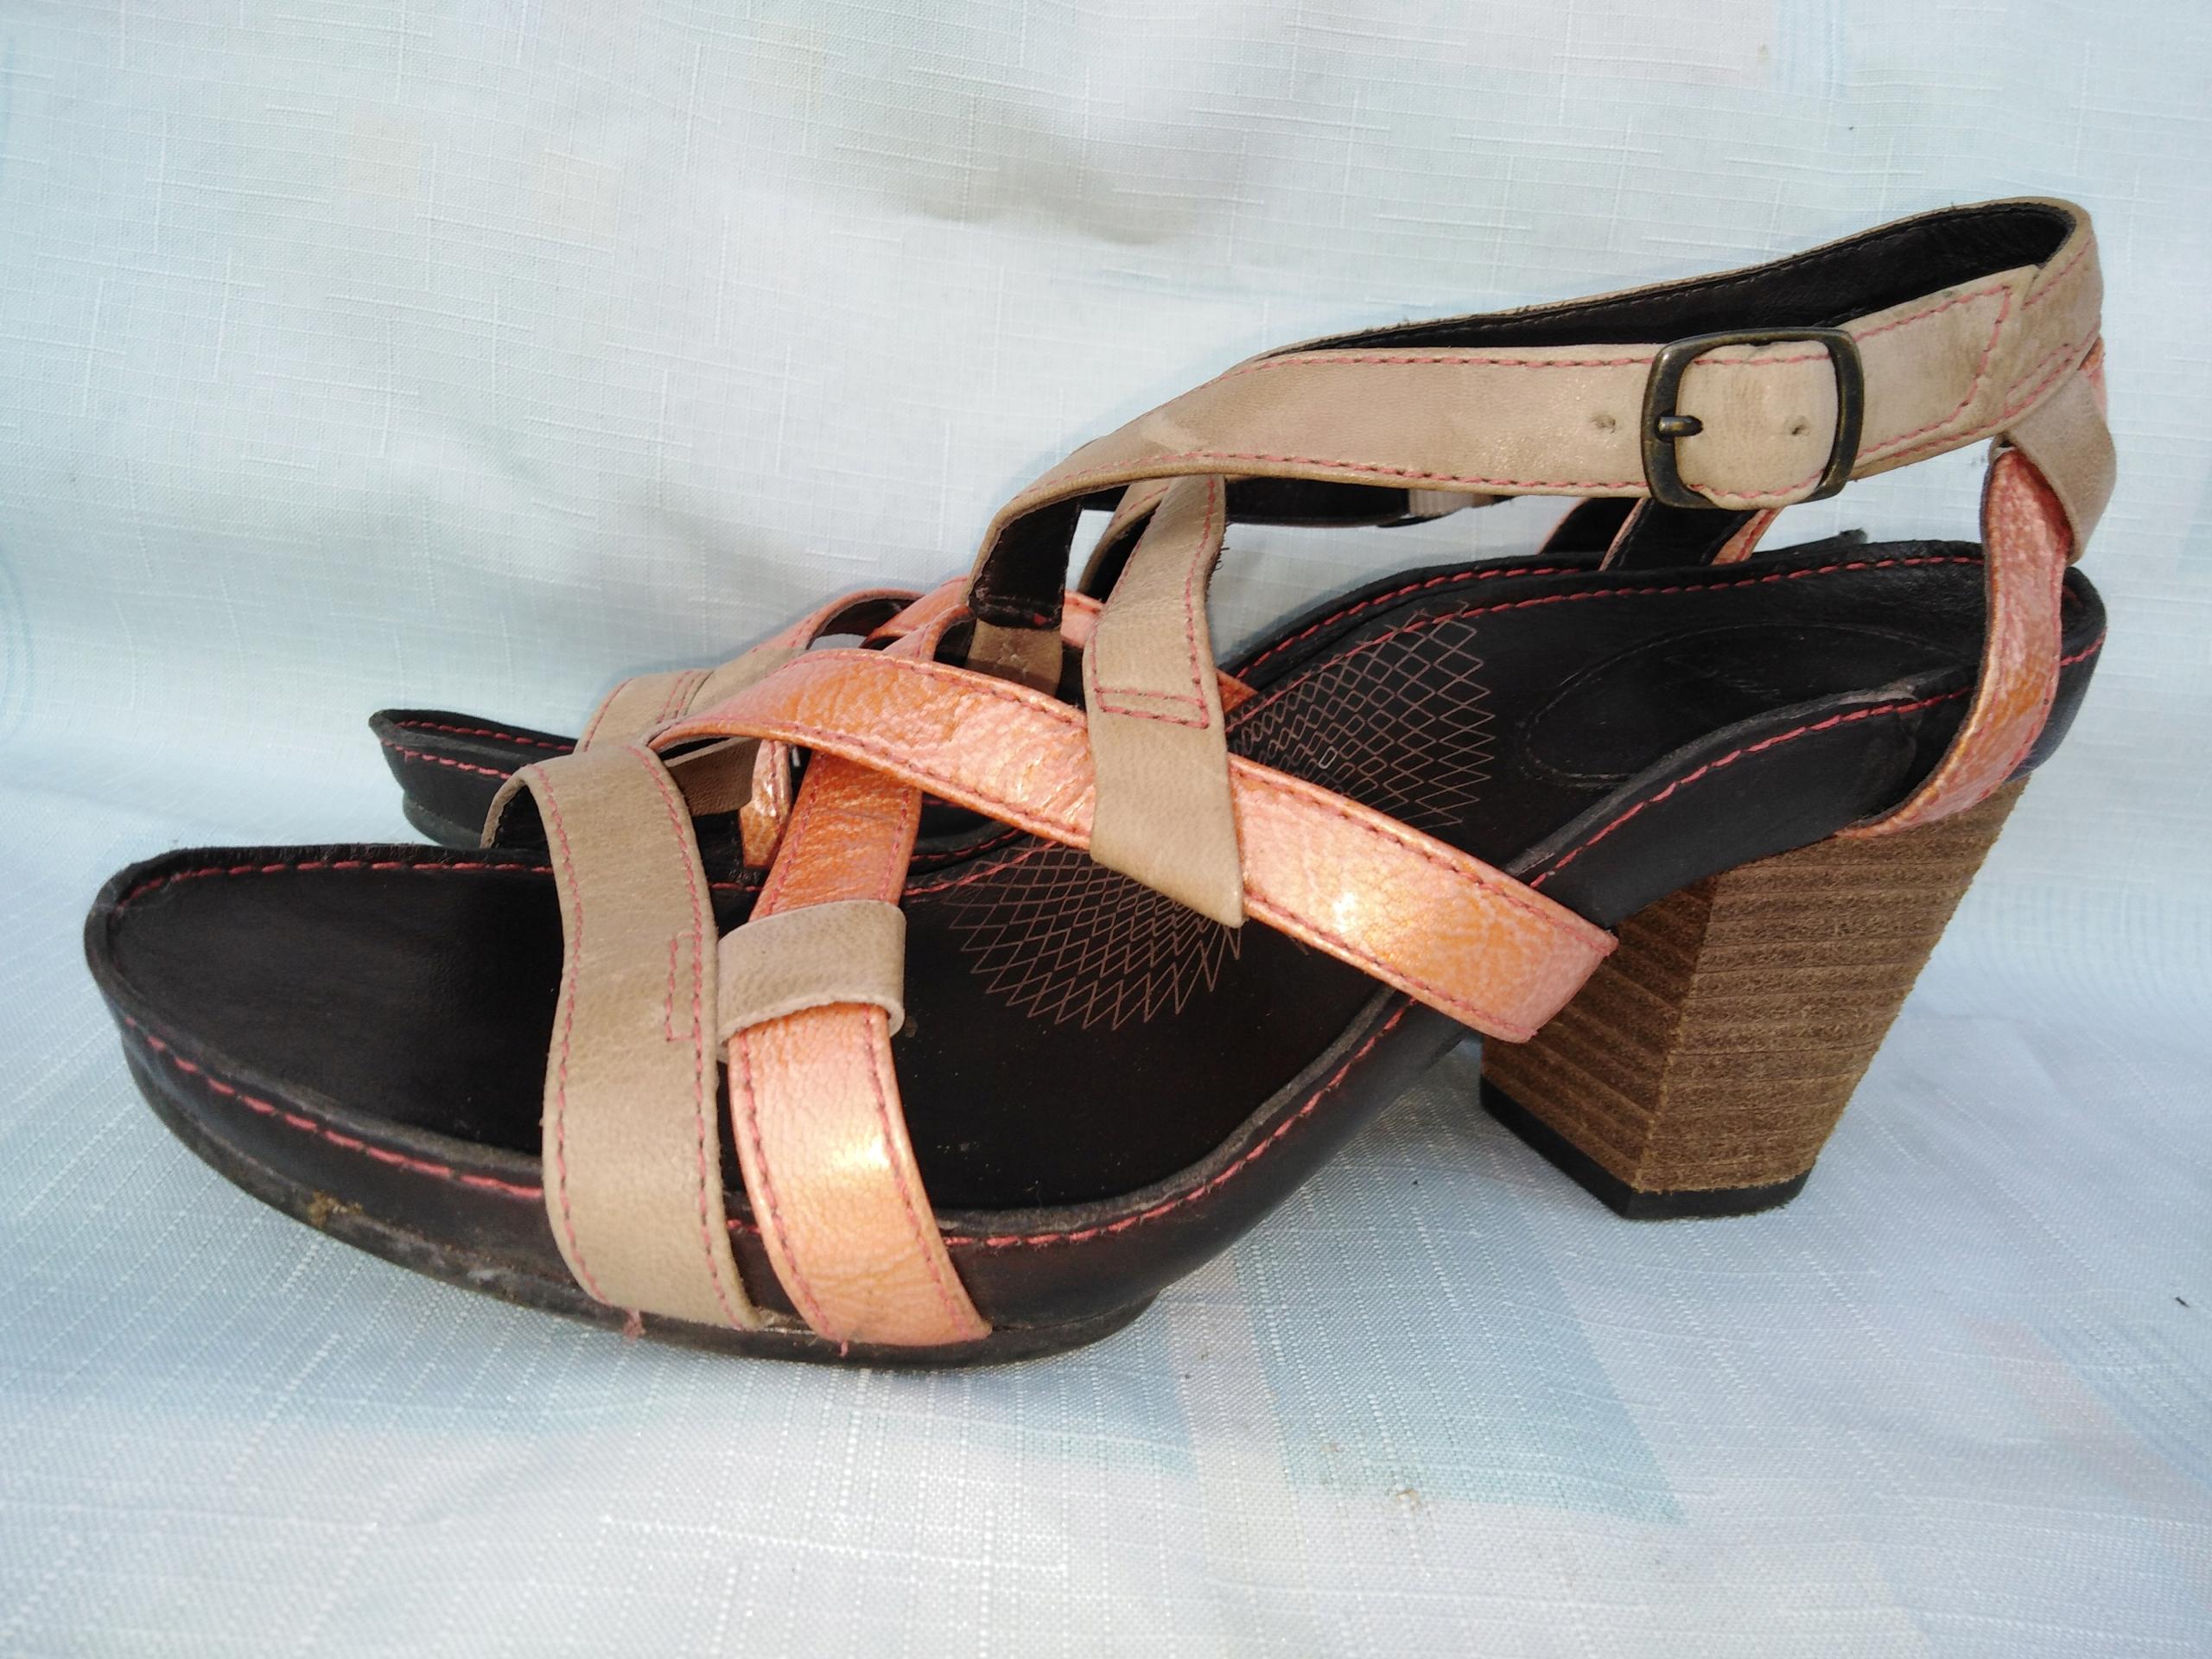 Skórzane sandały Clarks 38,5 wkładka 25 cm